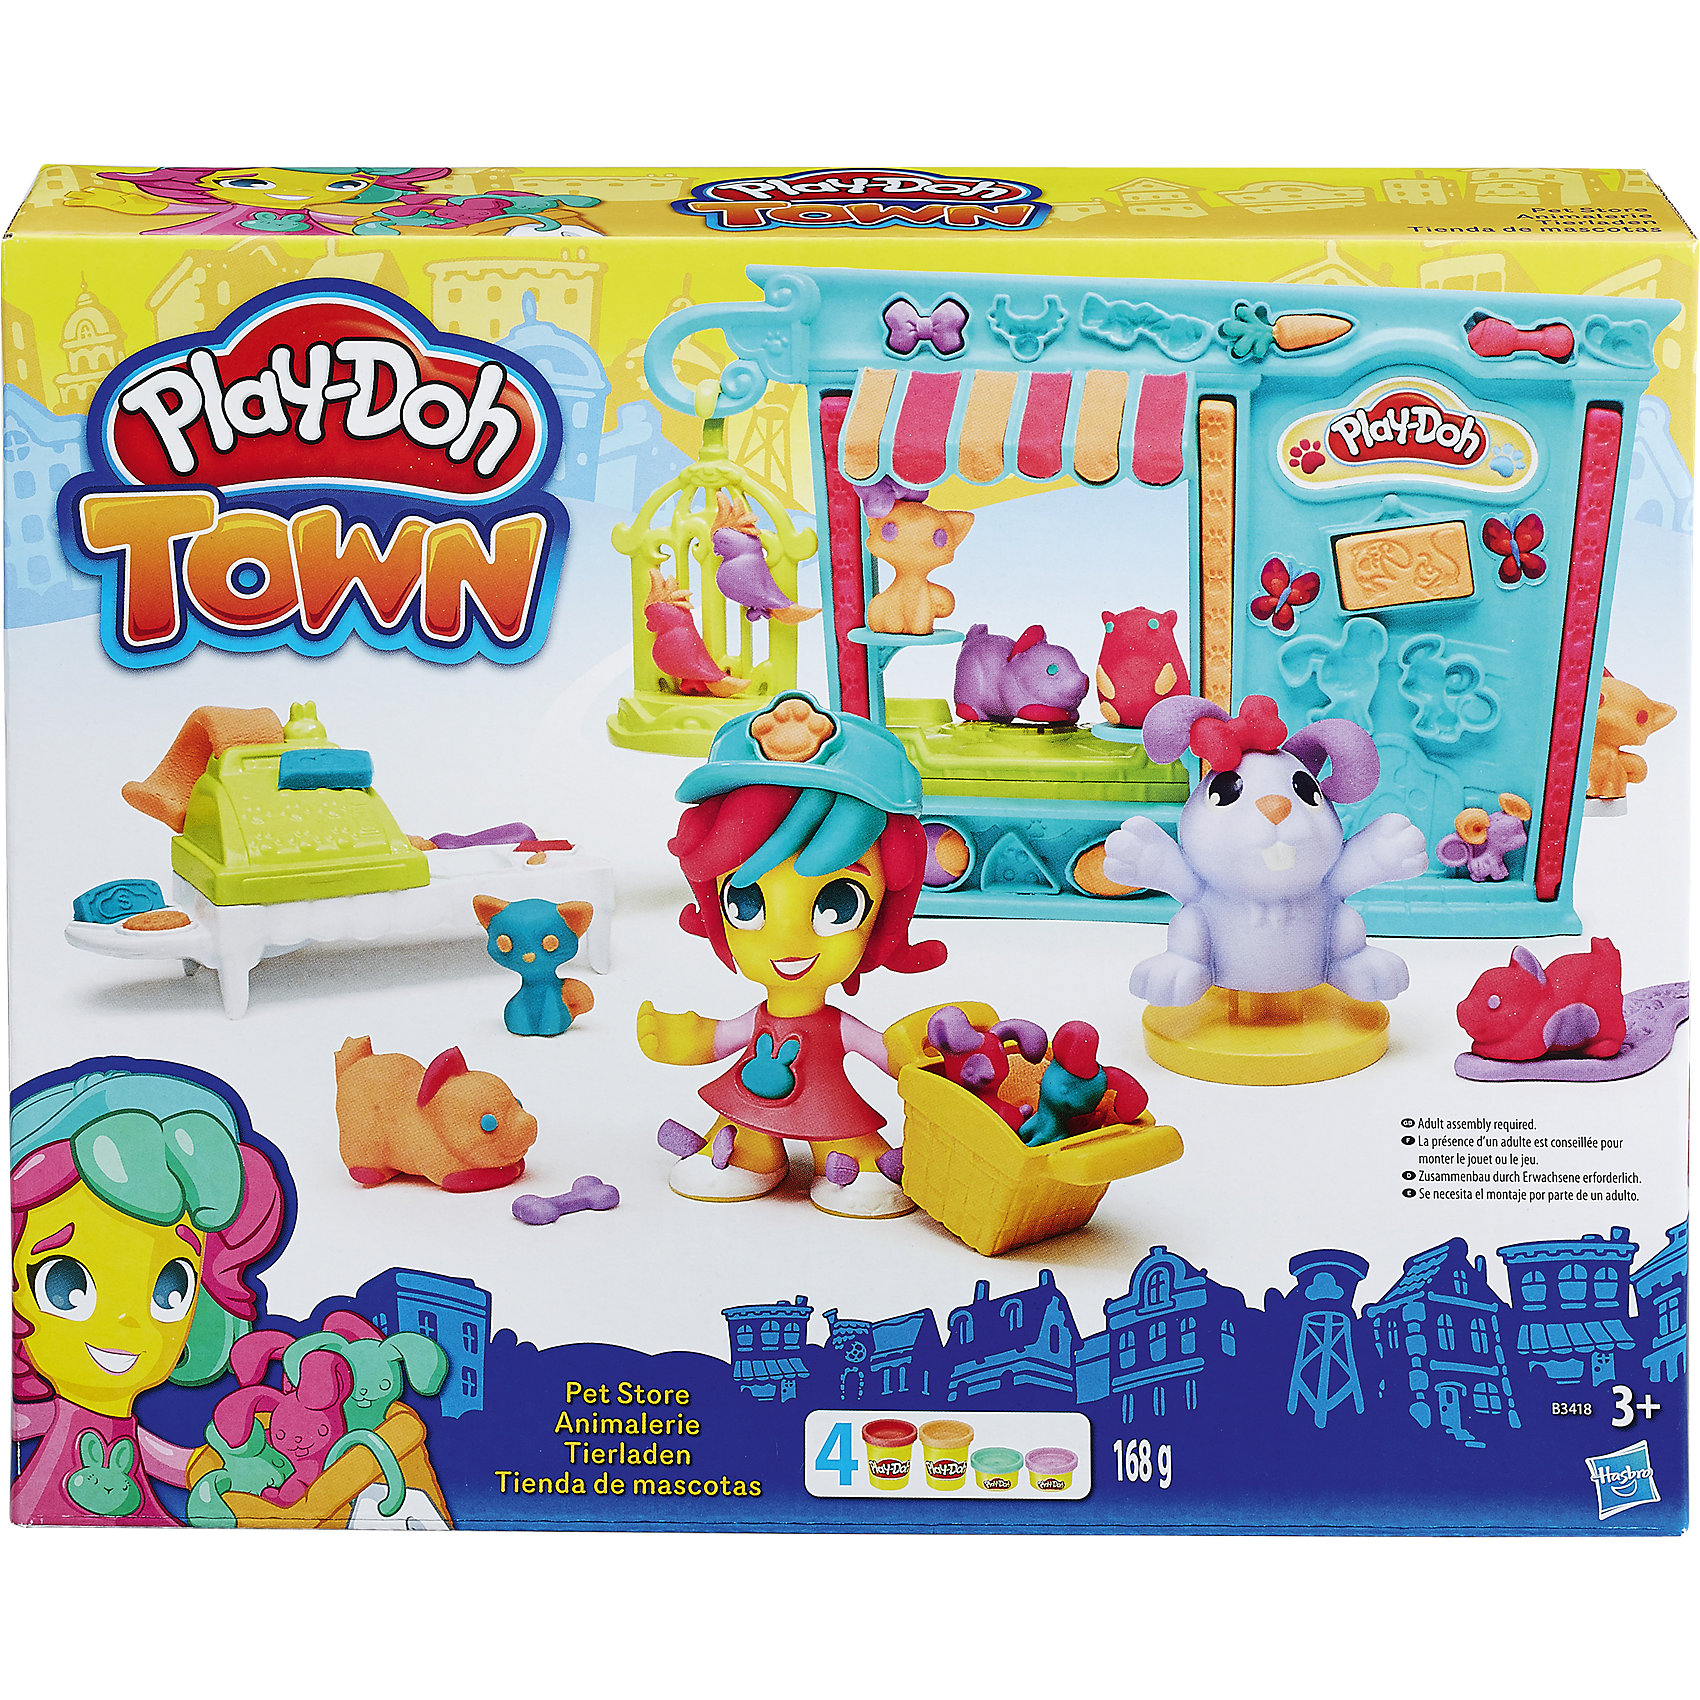 Игровой набор Магазинчик домашних питомцев, Play-Doh  ГородНовая линейка Play-Doh Город объединяет в себе традиционное твочество Play-Doh и наборы фигурок, зданий, транспорта городской тематики для коллекционирования. Всего в коллекции пять игровых наборов. Собери все наборы Города, чтобы создать свой собственный Play-Doh (Плэй-До) мир!<br><br>Ширина мм: 60<br>Глубина мм: 270<br>Высота мм: 216<br>Вес г: 500<br>Возраст от месяцев: 36<br>Возраст до месяцев: 72<br>Пол: Женский<br>Возраст: Детский<br>SKU: 4319037